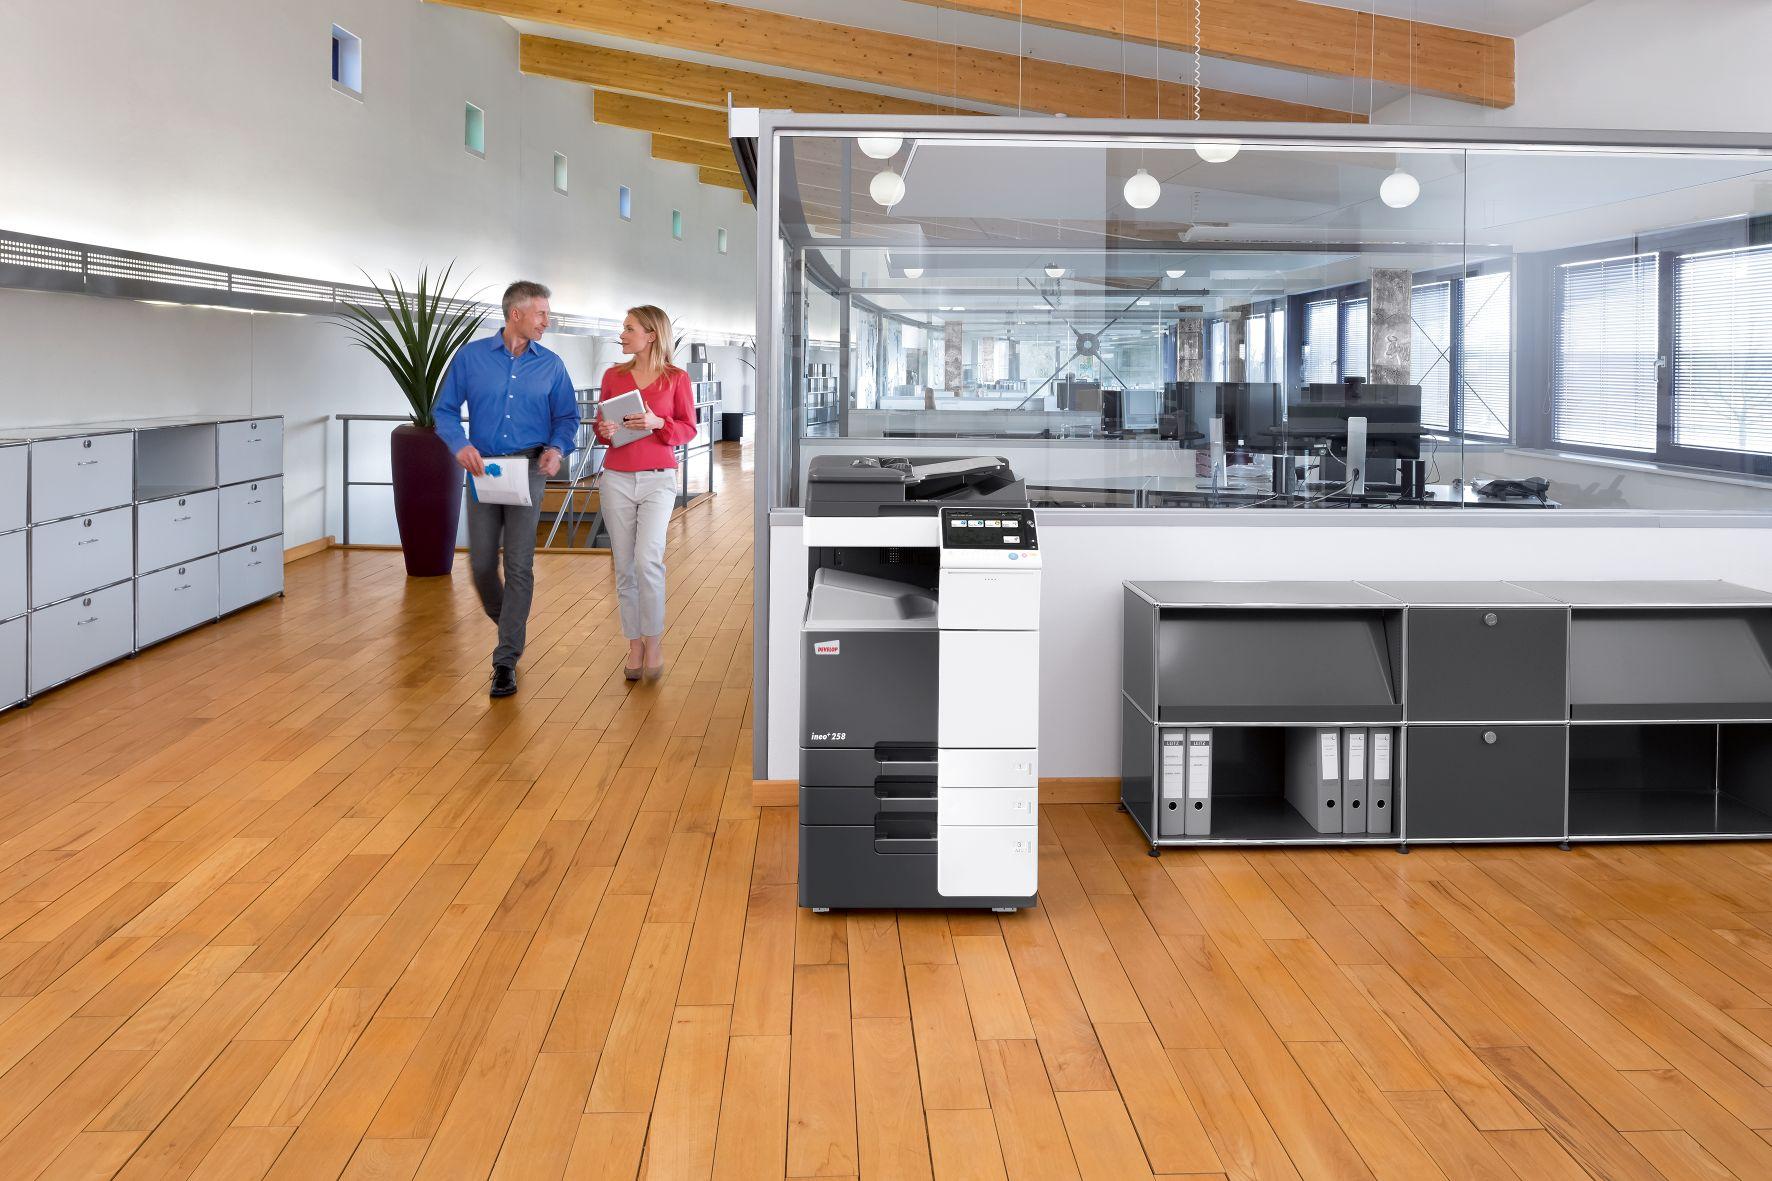 Impresora ineo 258 en oficina